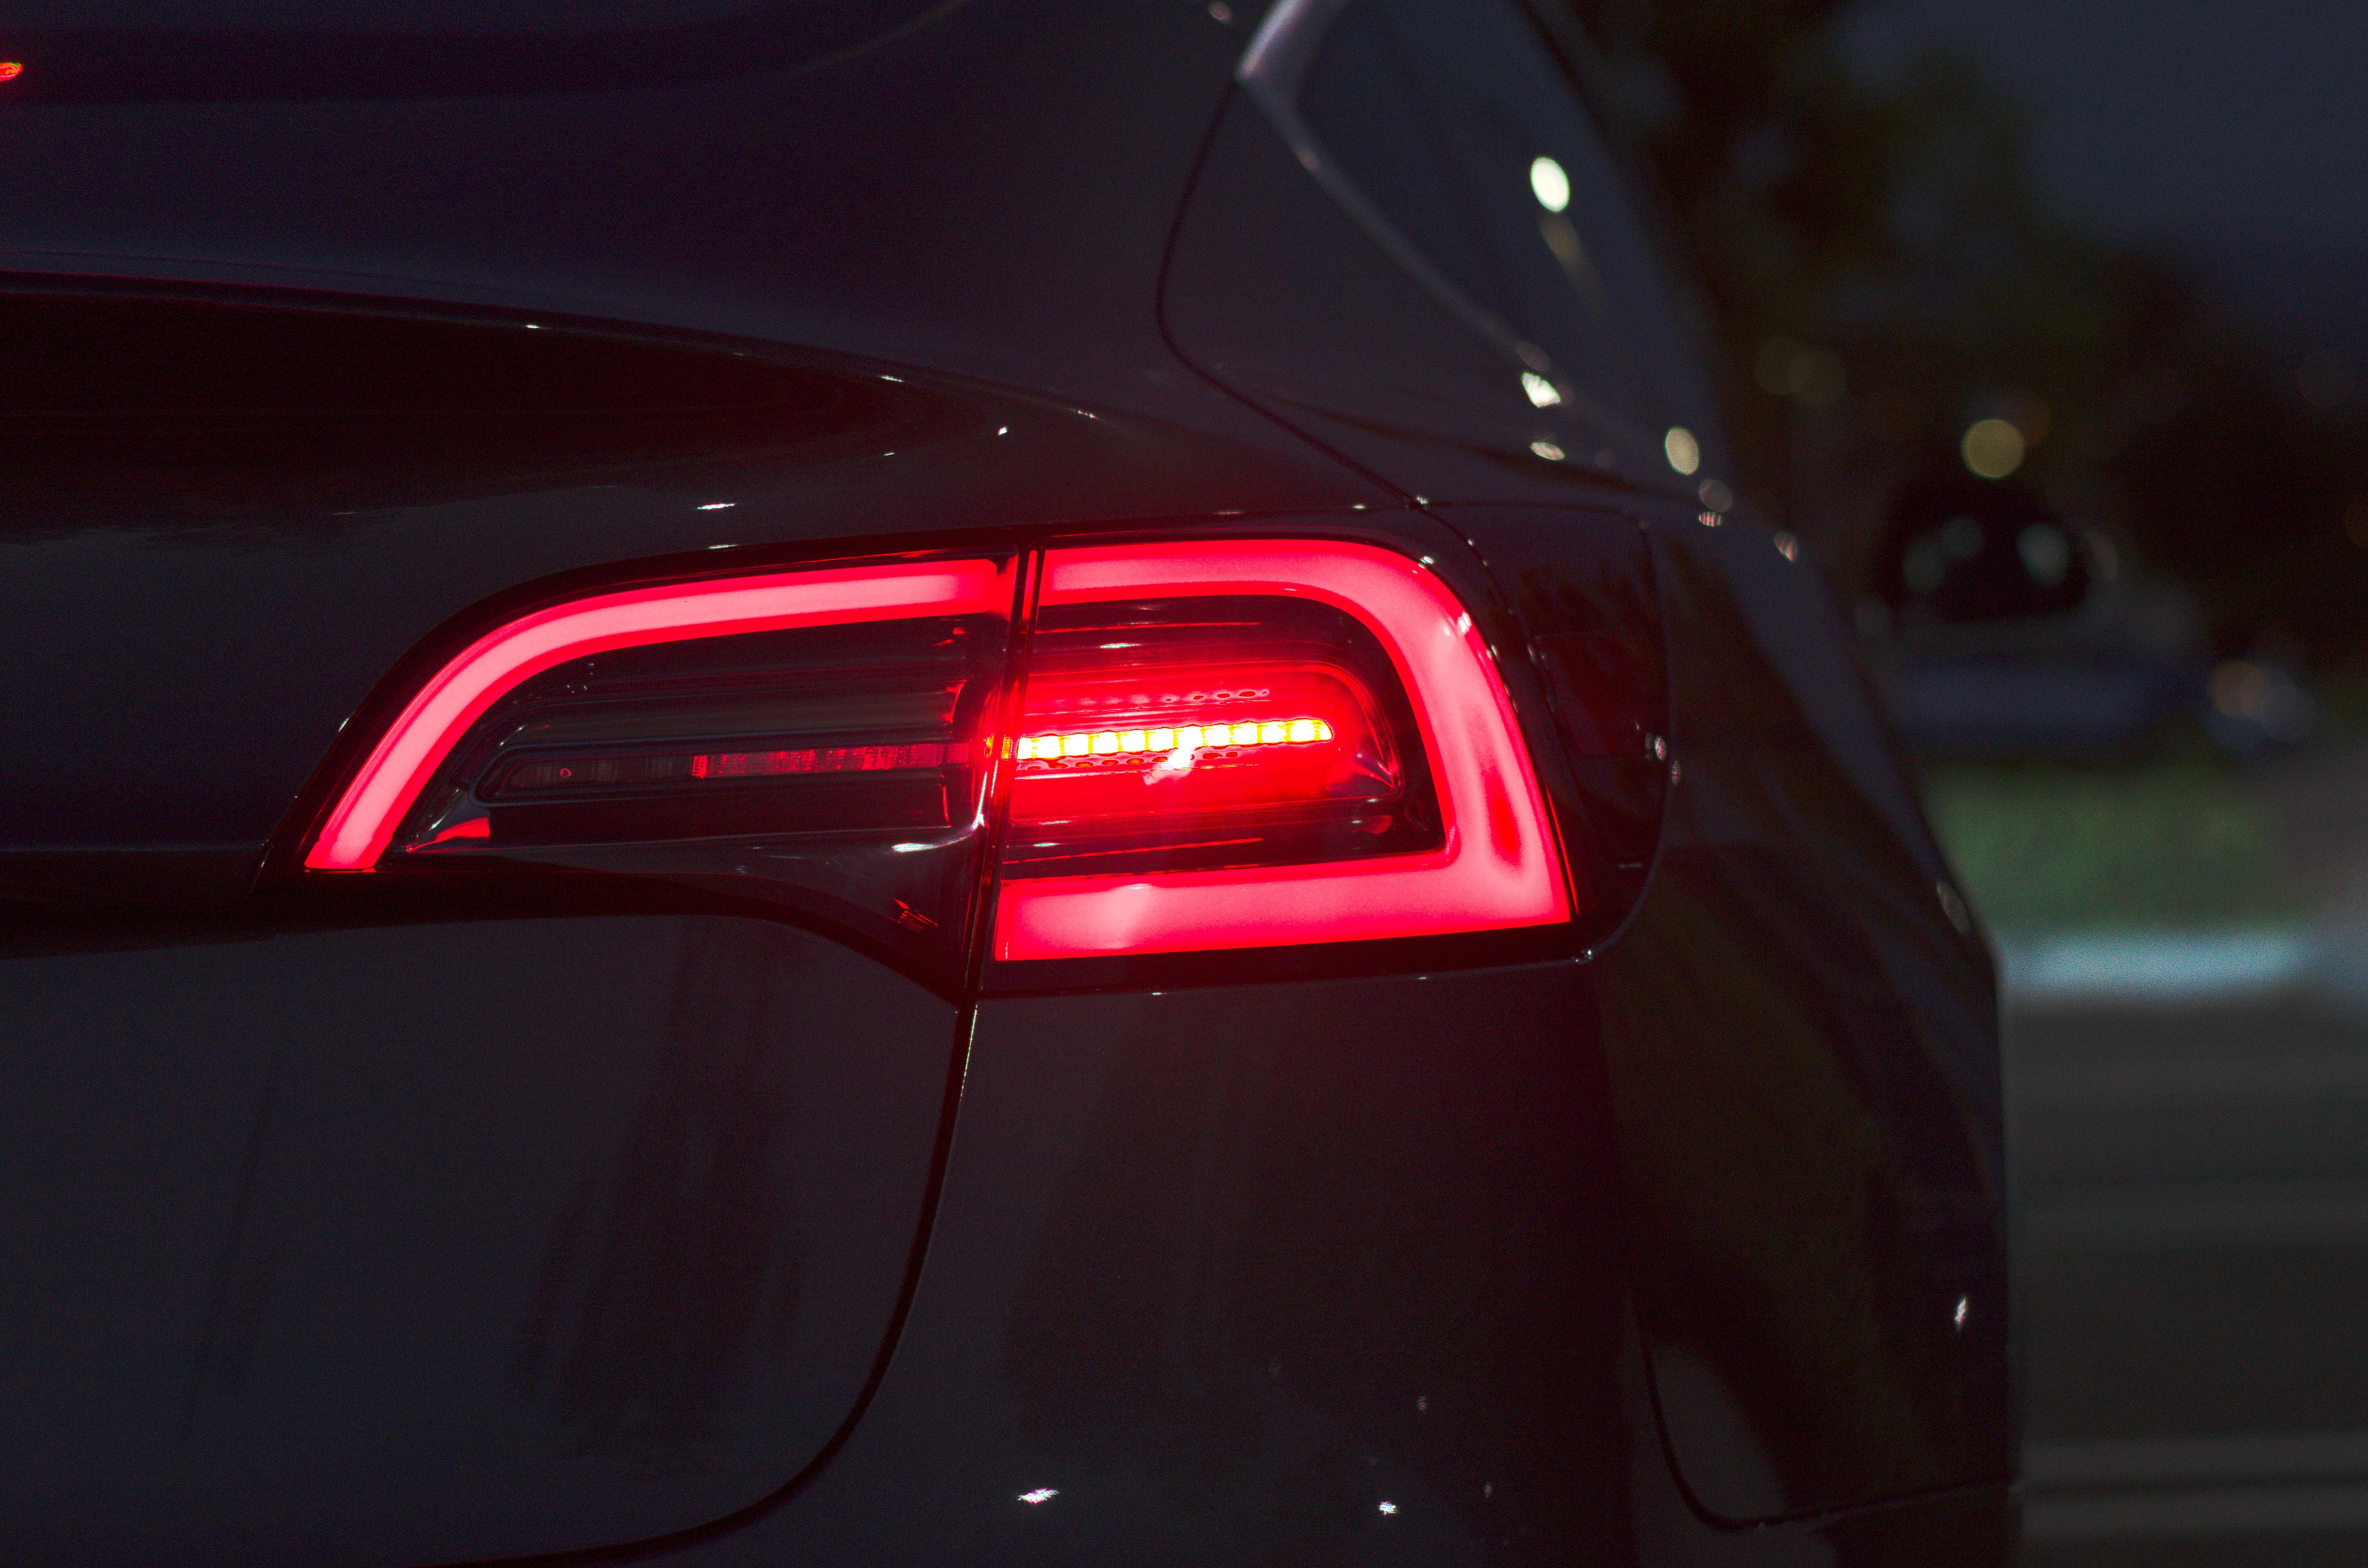 File:Tesla Model 3 Rear Light jpg - Wikimedia Commons